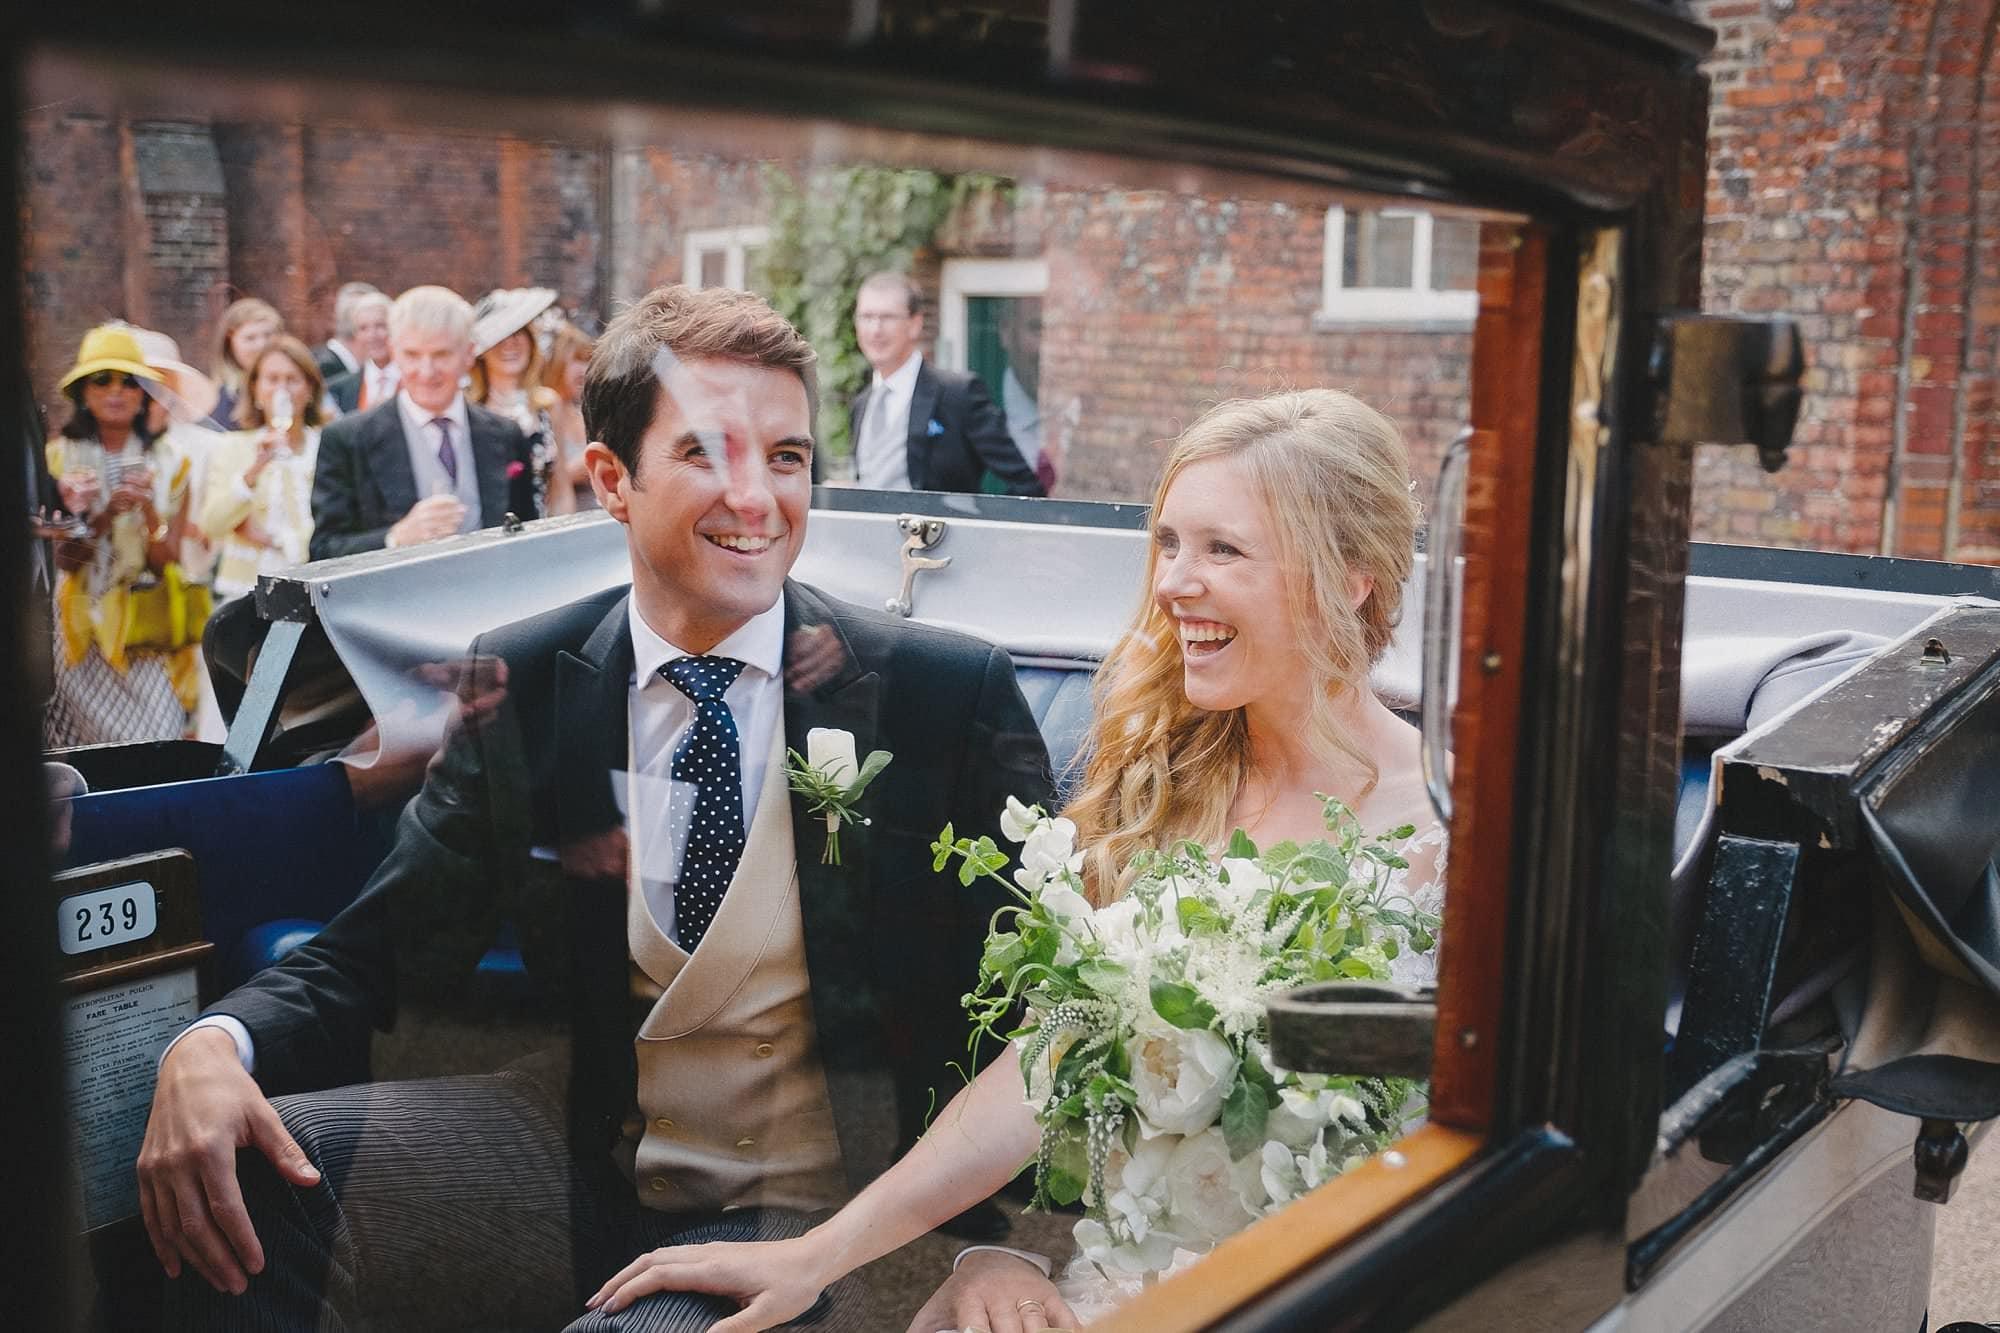 fulham palace wedding photographer 051 - Rosanna + Duncan | Fulham